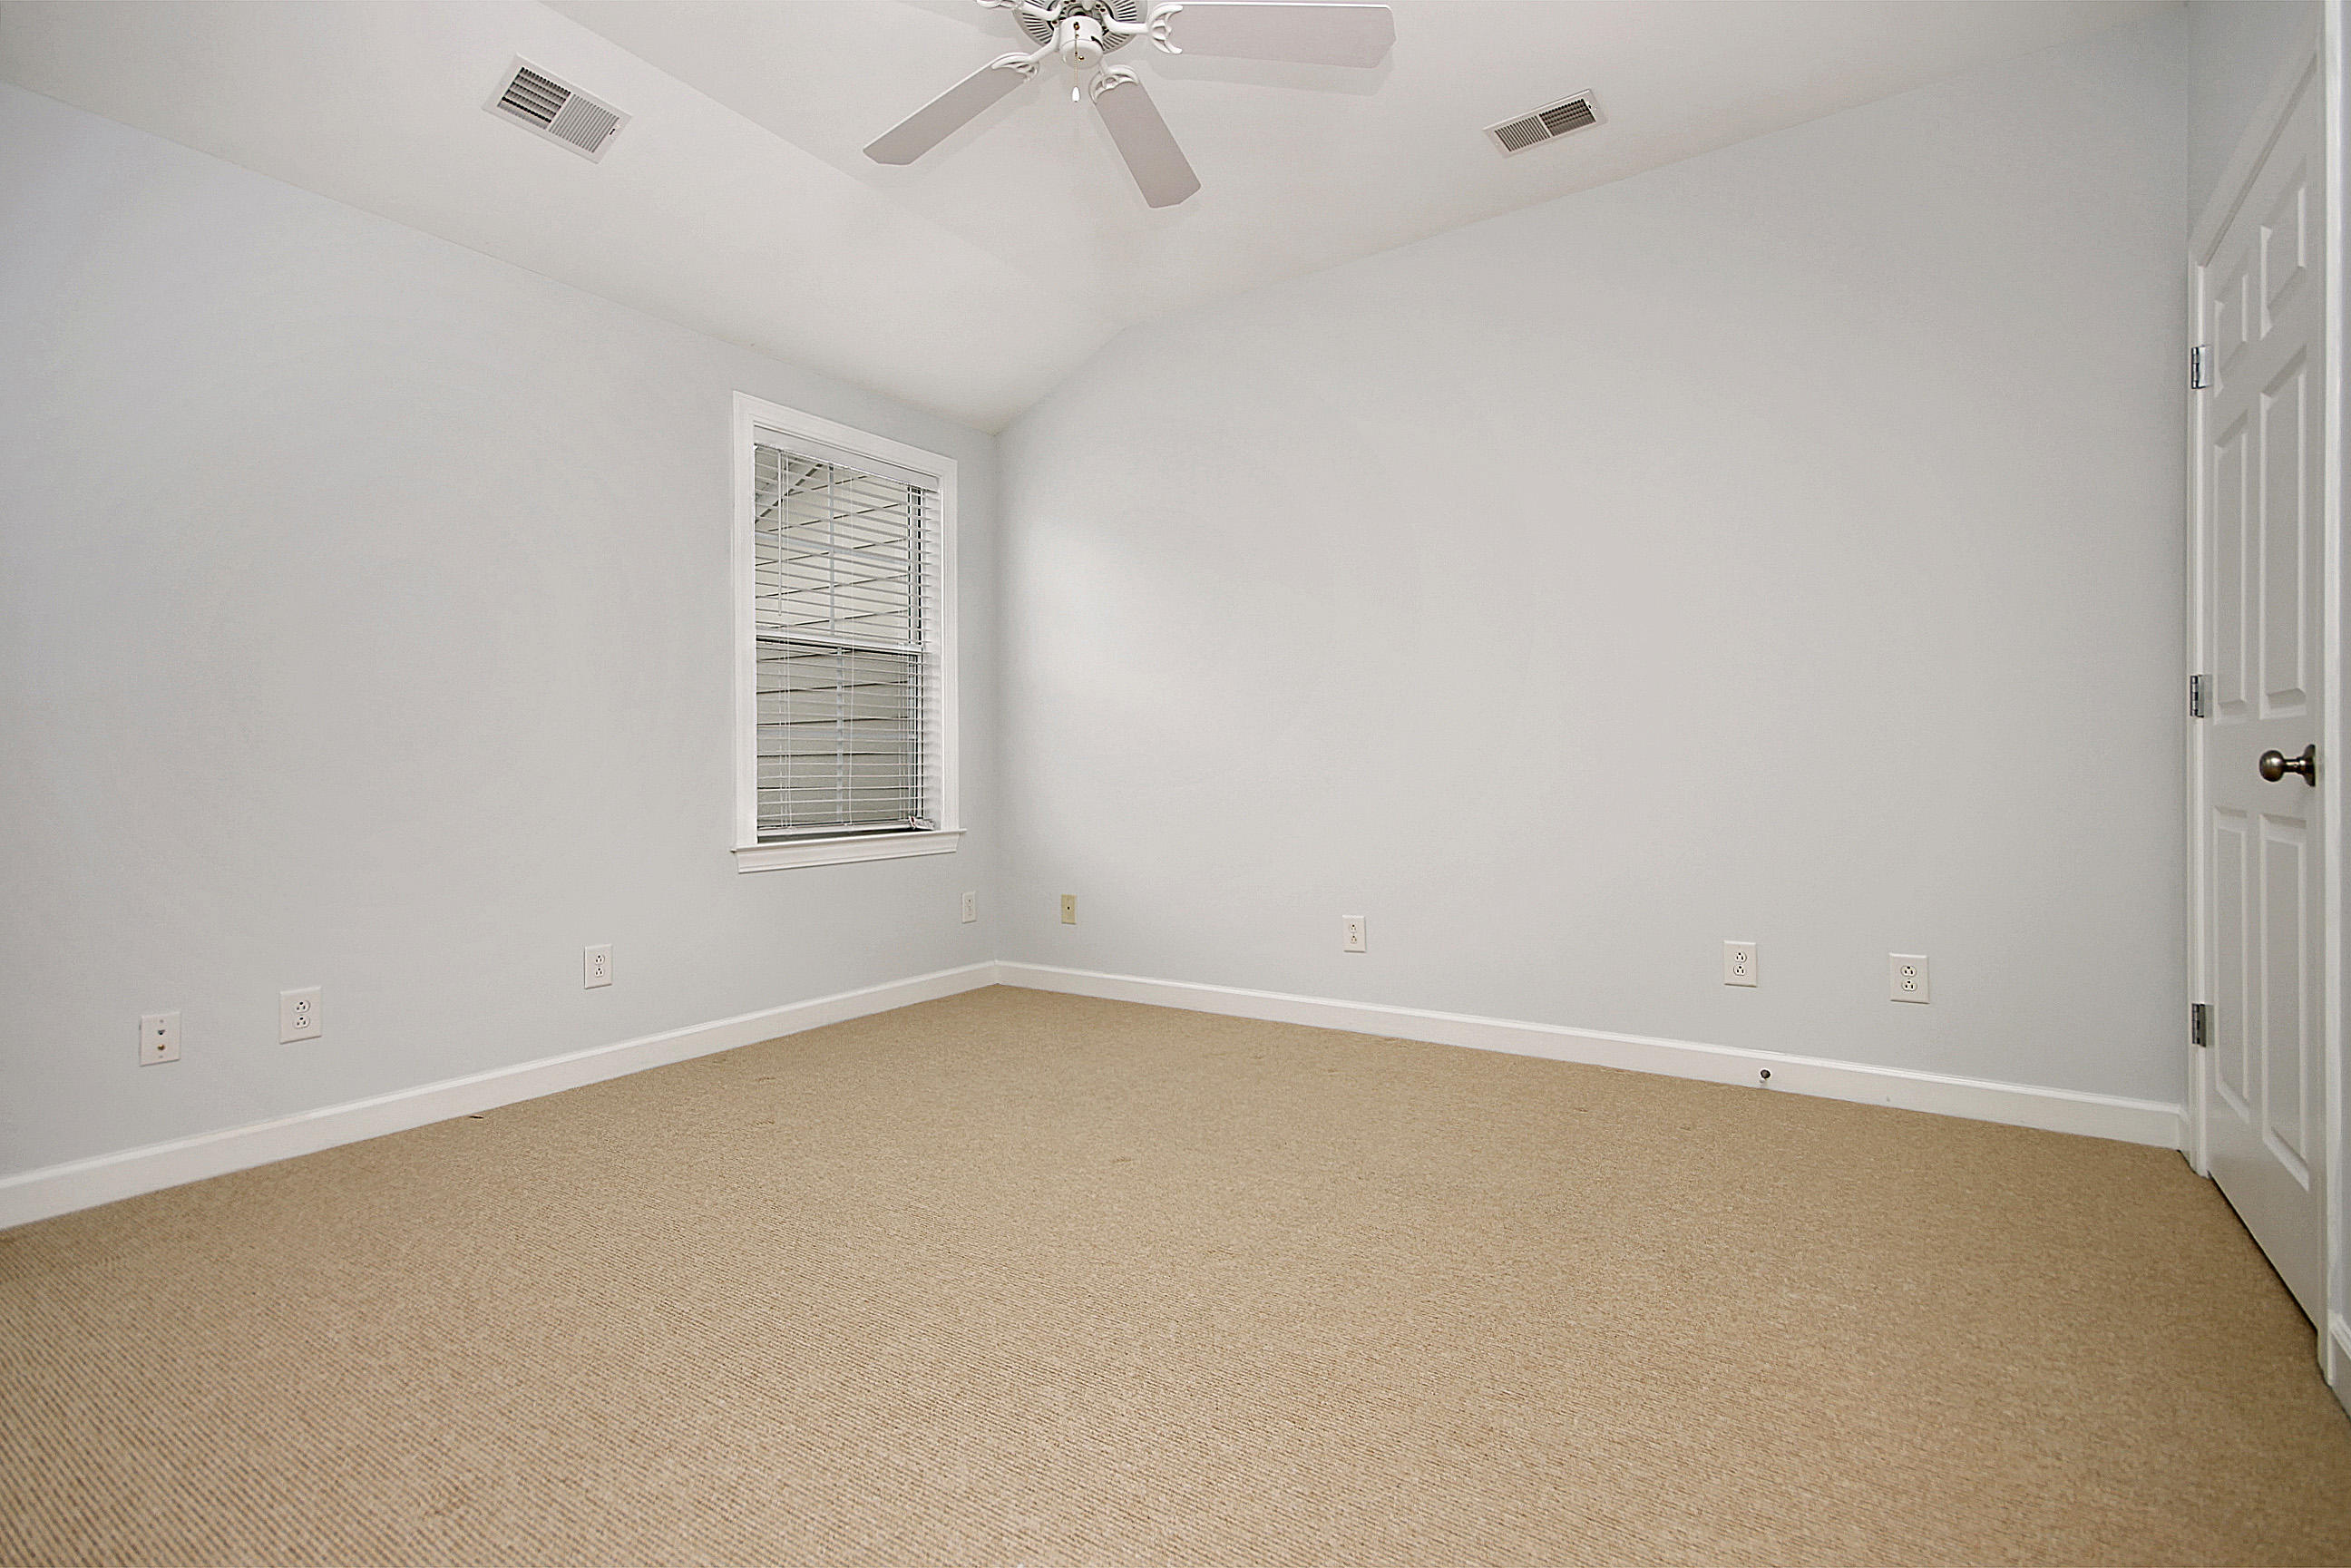 Dunes West Homes For Sale - 148 Palm Cove, Mount Pleasant, SC - 17